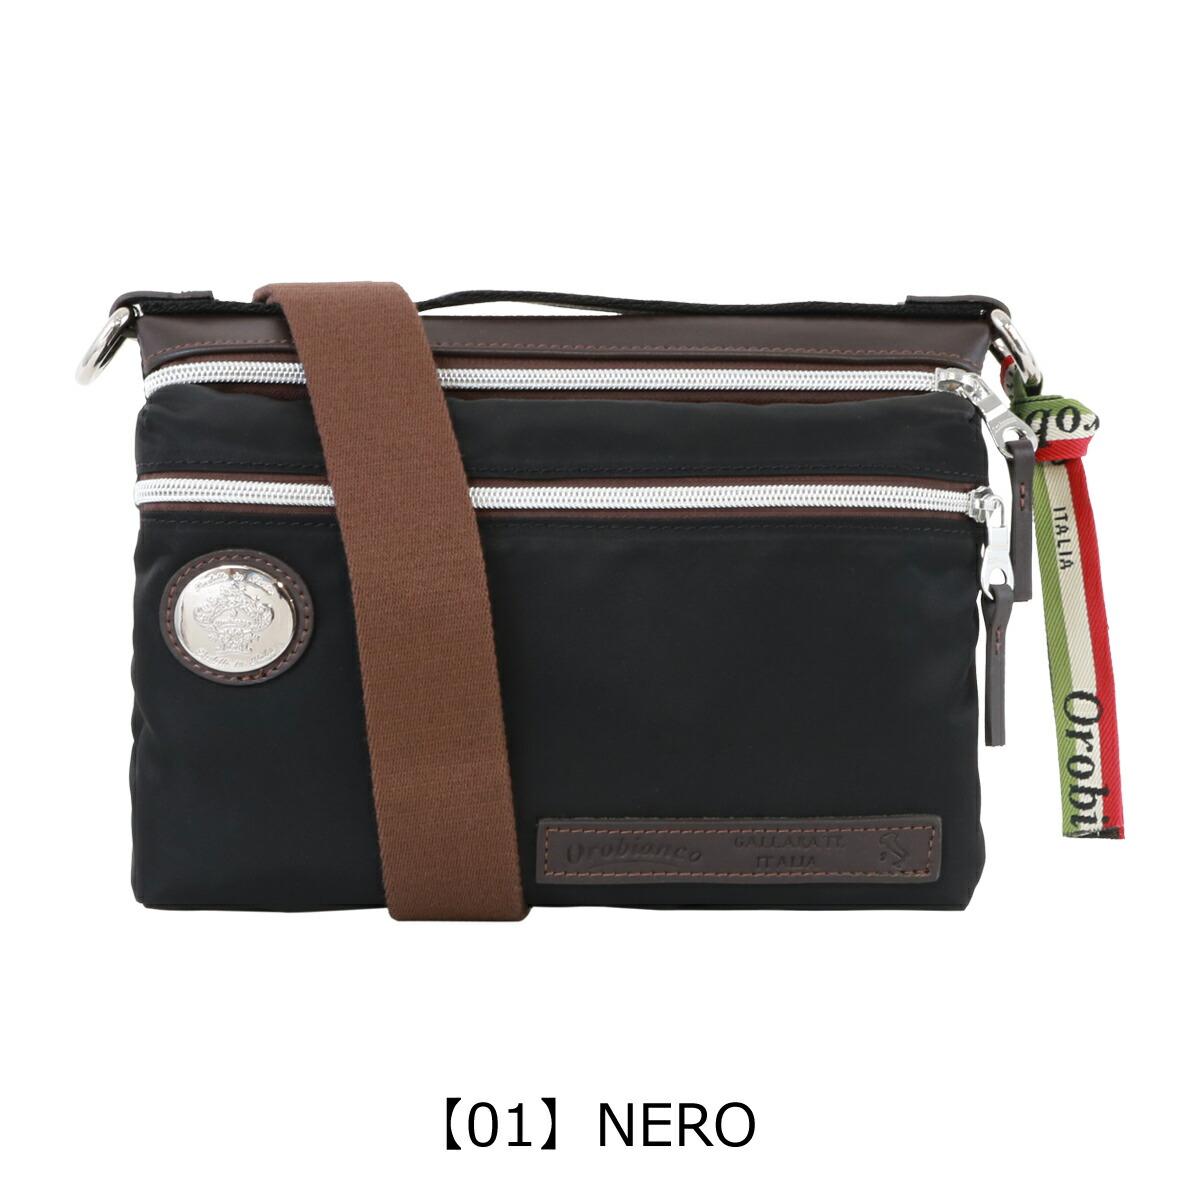 【01】NERO